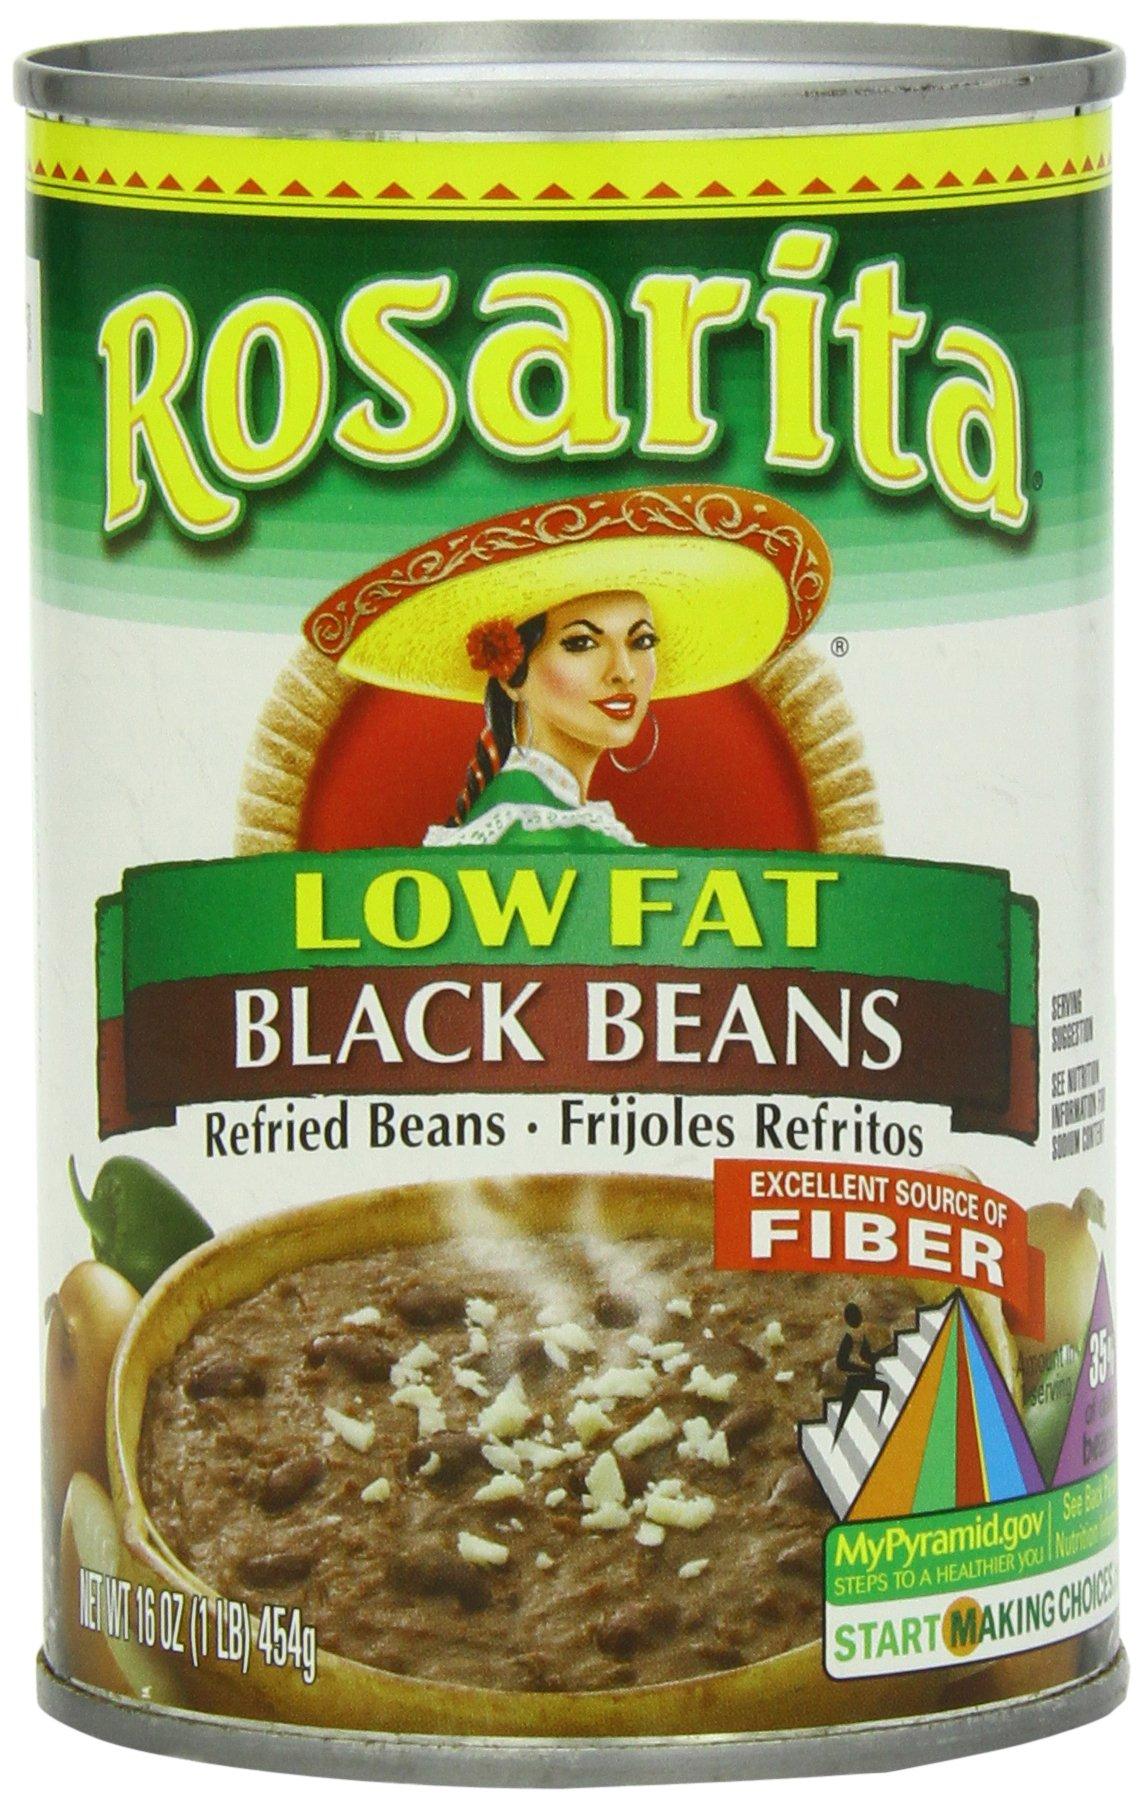 Rosarita Low Fat Refried Black Beans, 16 oz, 12 Pack